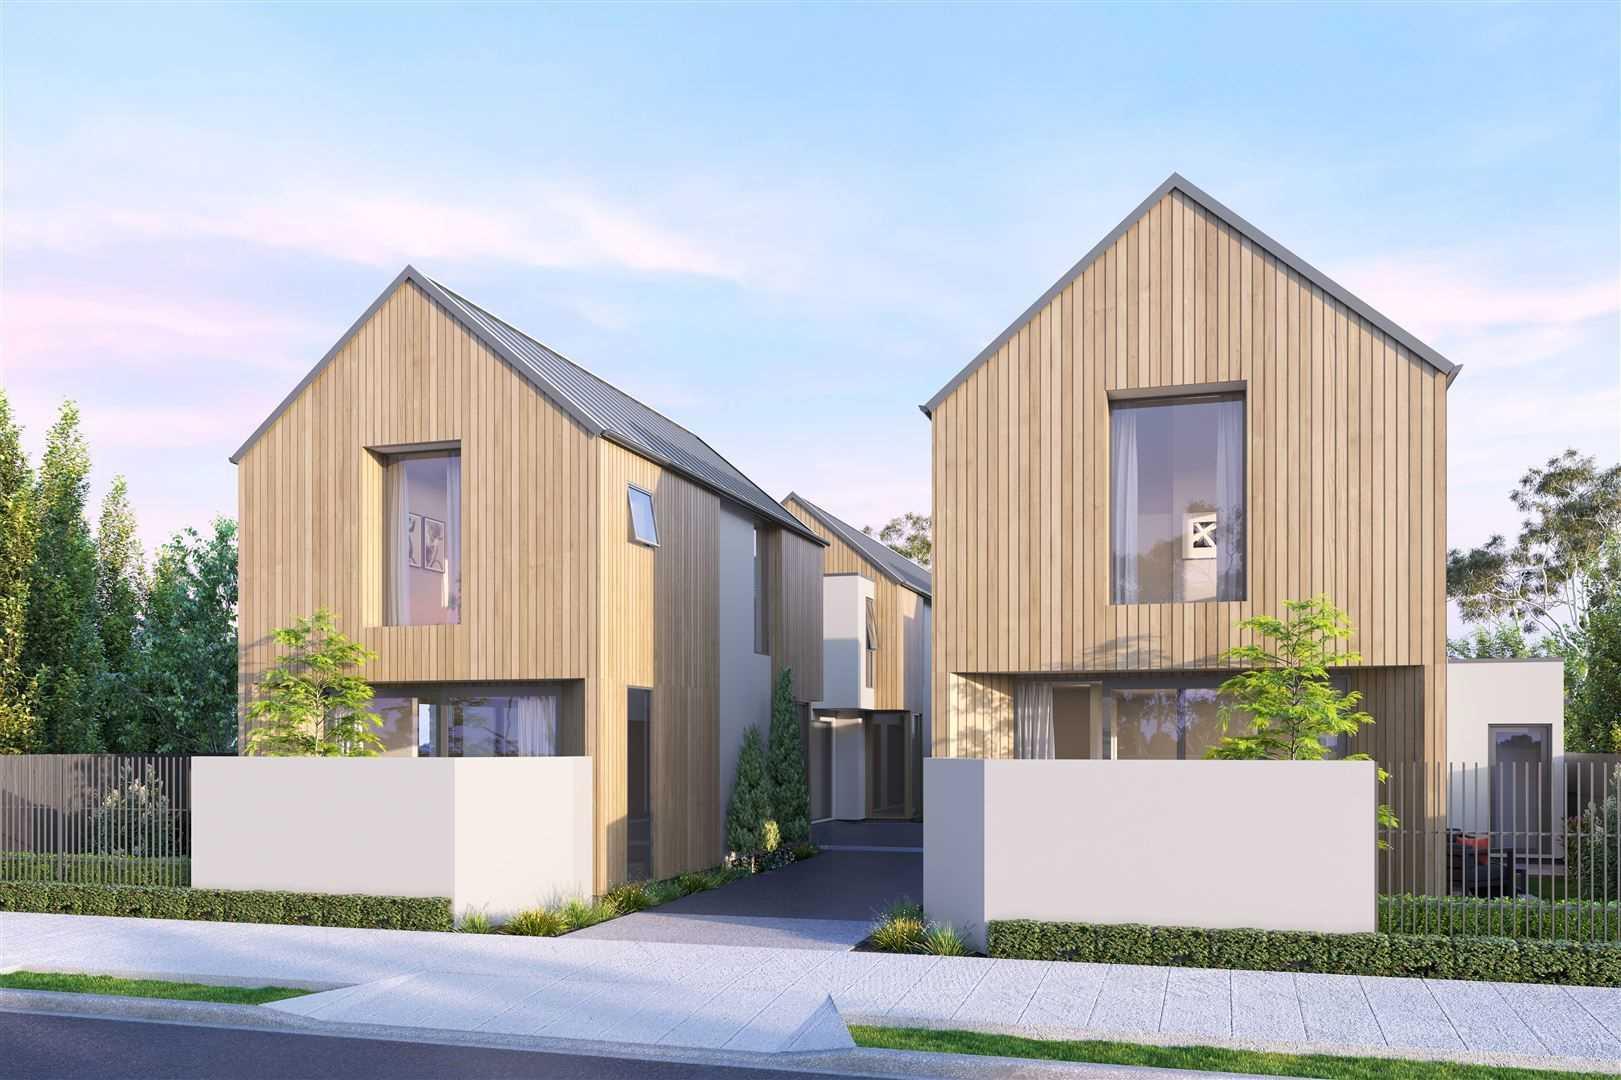 Unit 1-6/110 Aikmans Road, Merivale - Christchurch City